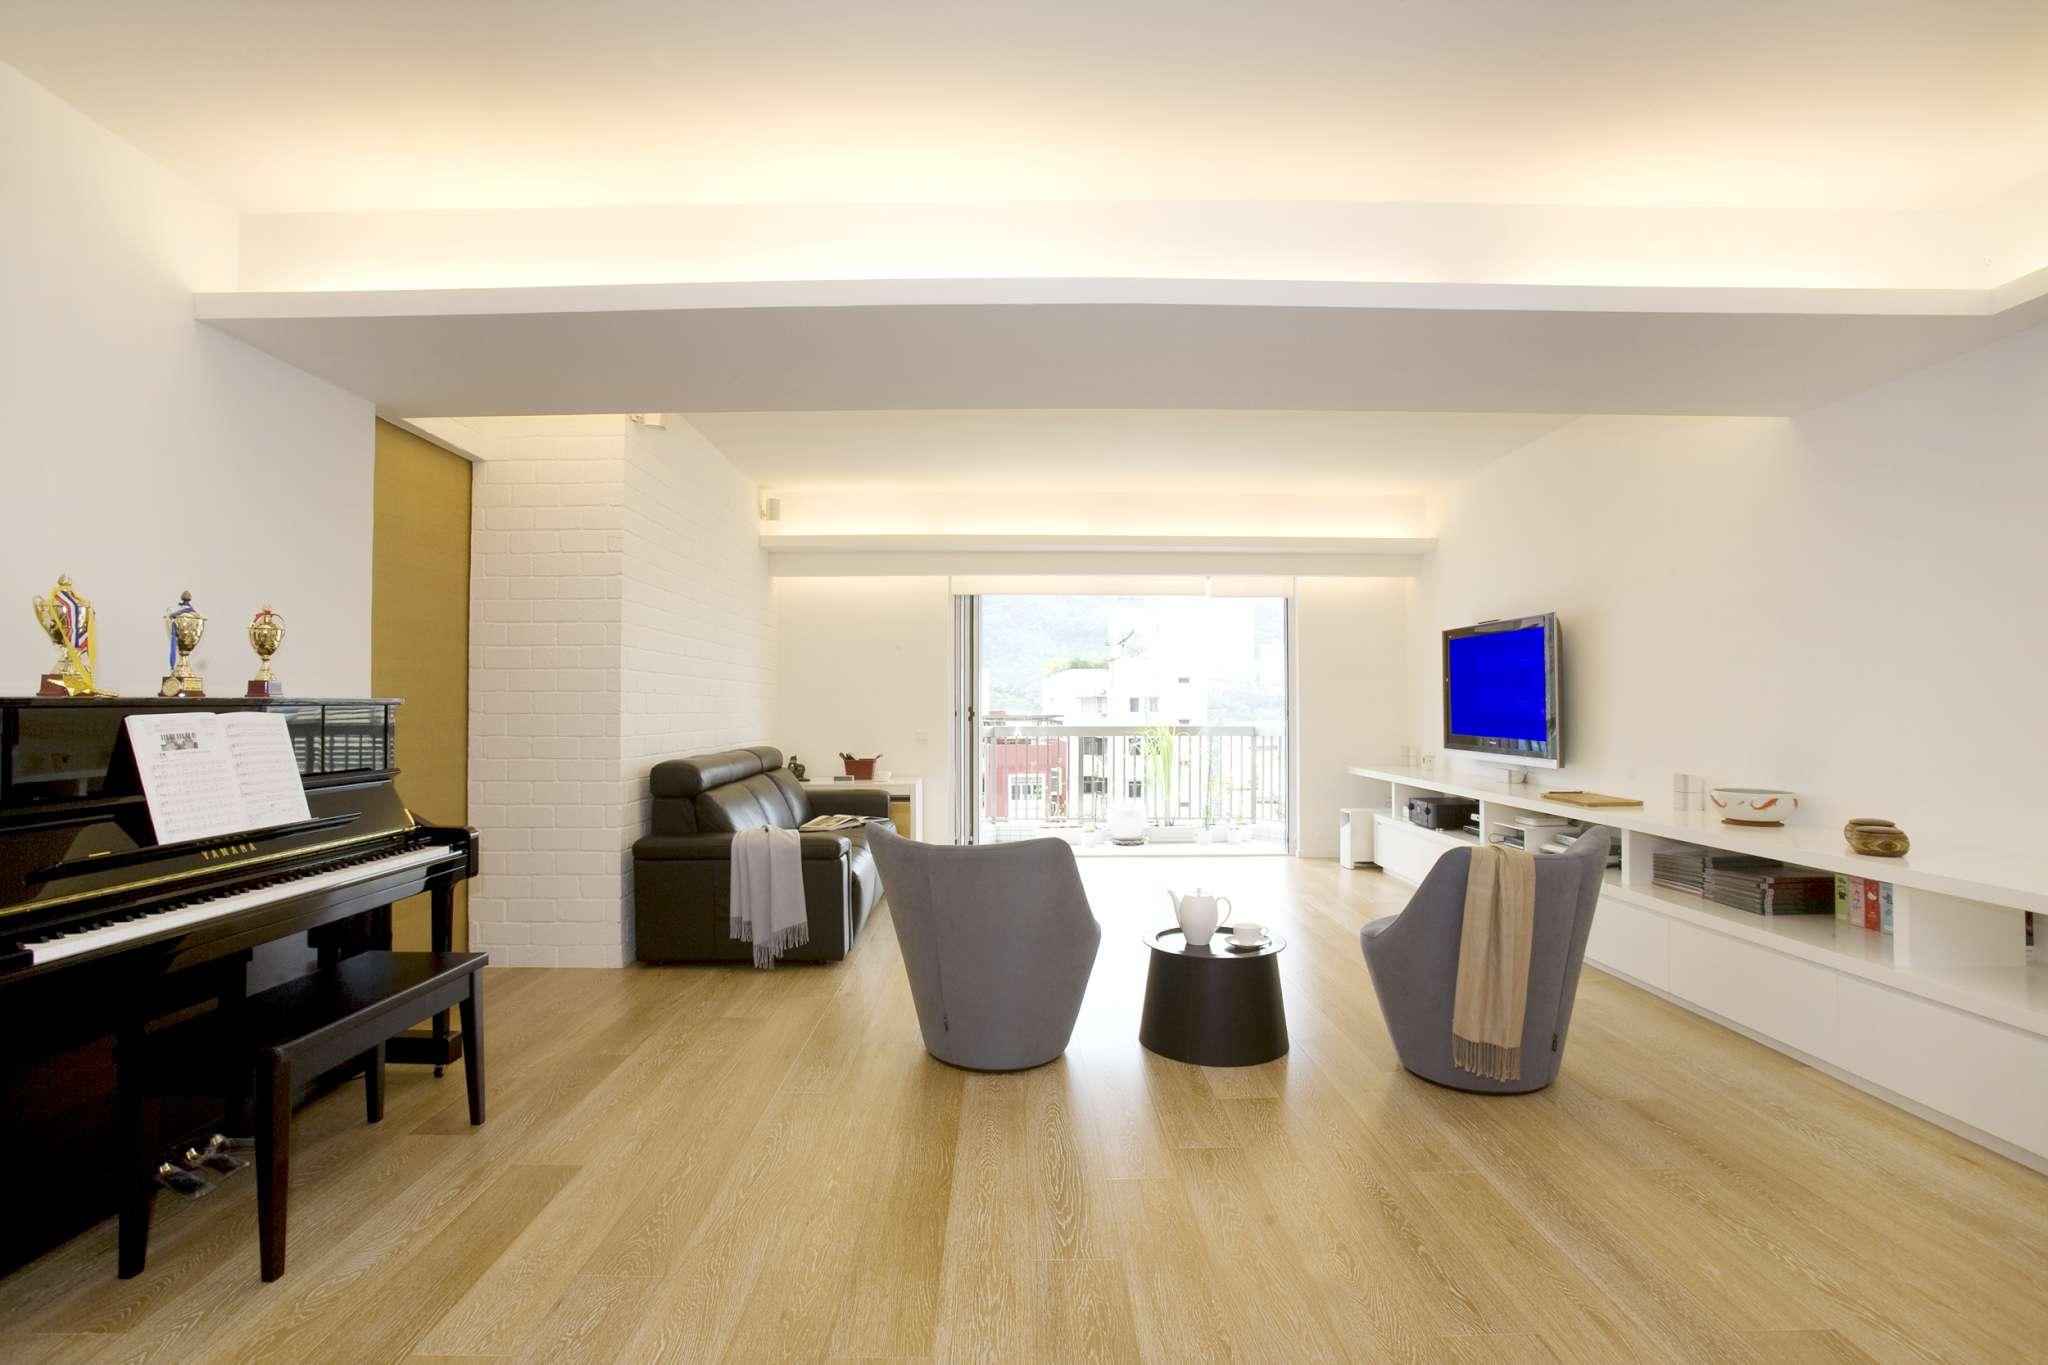 ventris place clifton leung design workshop. Black Bedroom Furniture Sets. Home Design Ideas